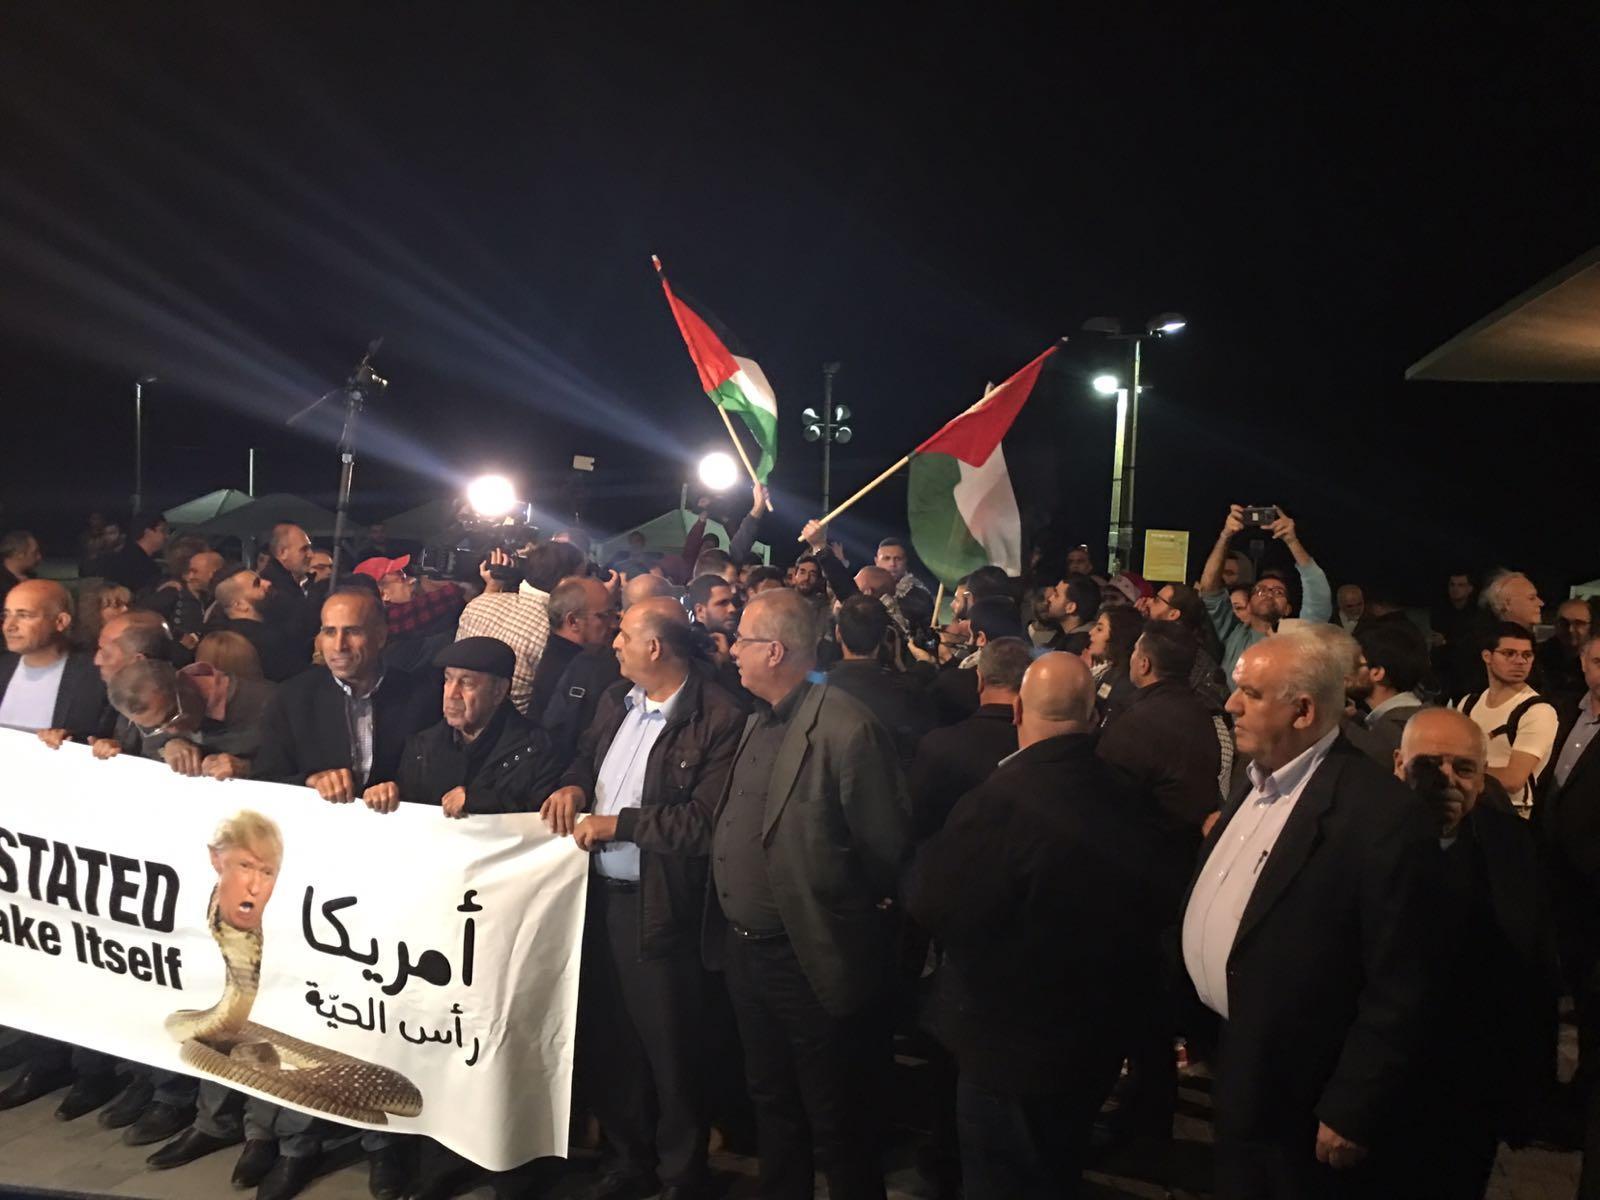 مظاهرة أمام السفارة الأميركية في تل أبيب تصديًا لإعلان ترامب